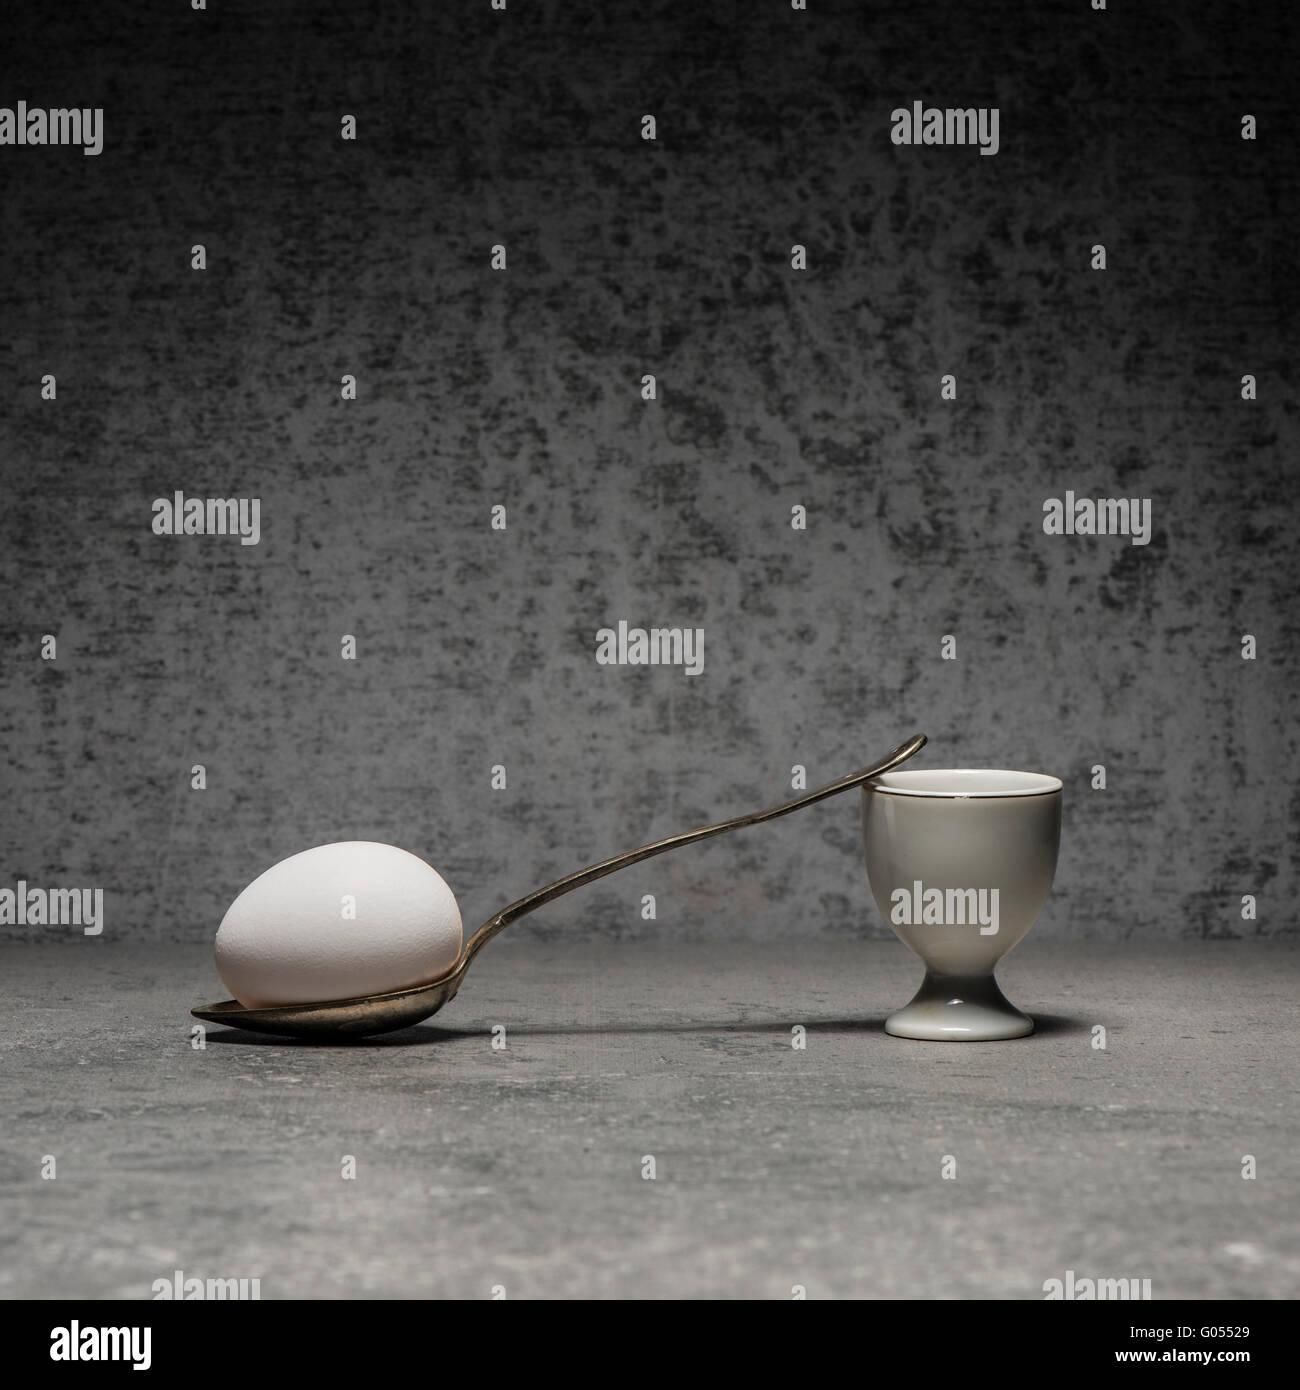 Ei, Eierbecher und Löffel Stillleben. Konzeptbild mit Einfachheit und Kopie. Frühstück Mahlzeit am Stockbild